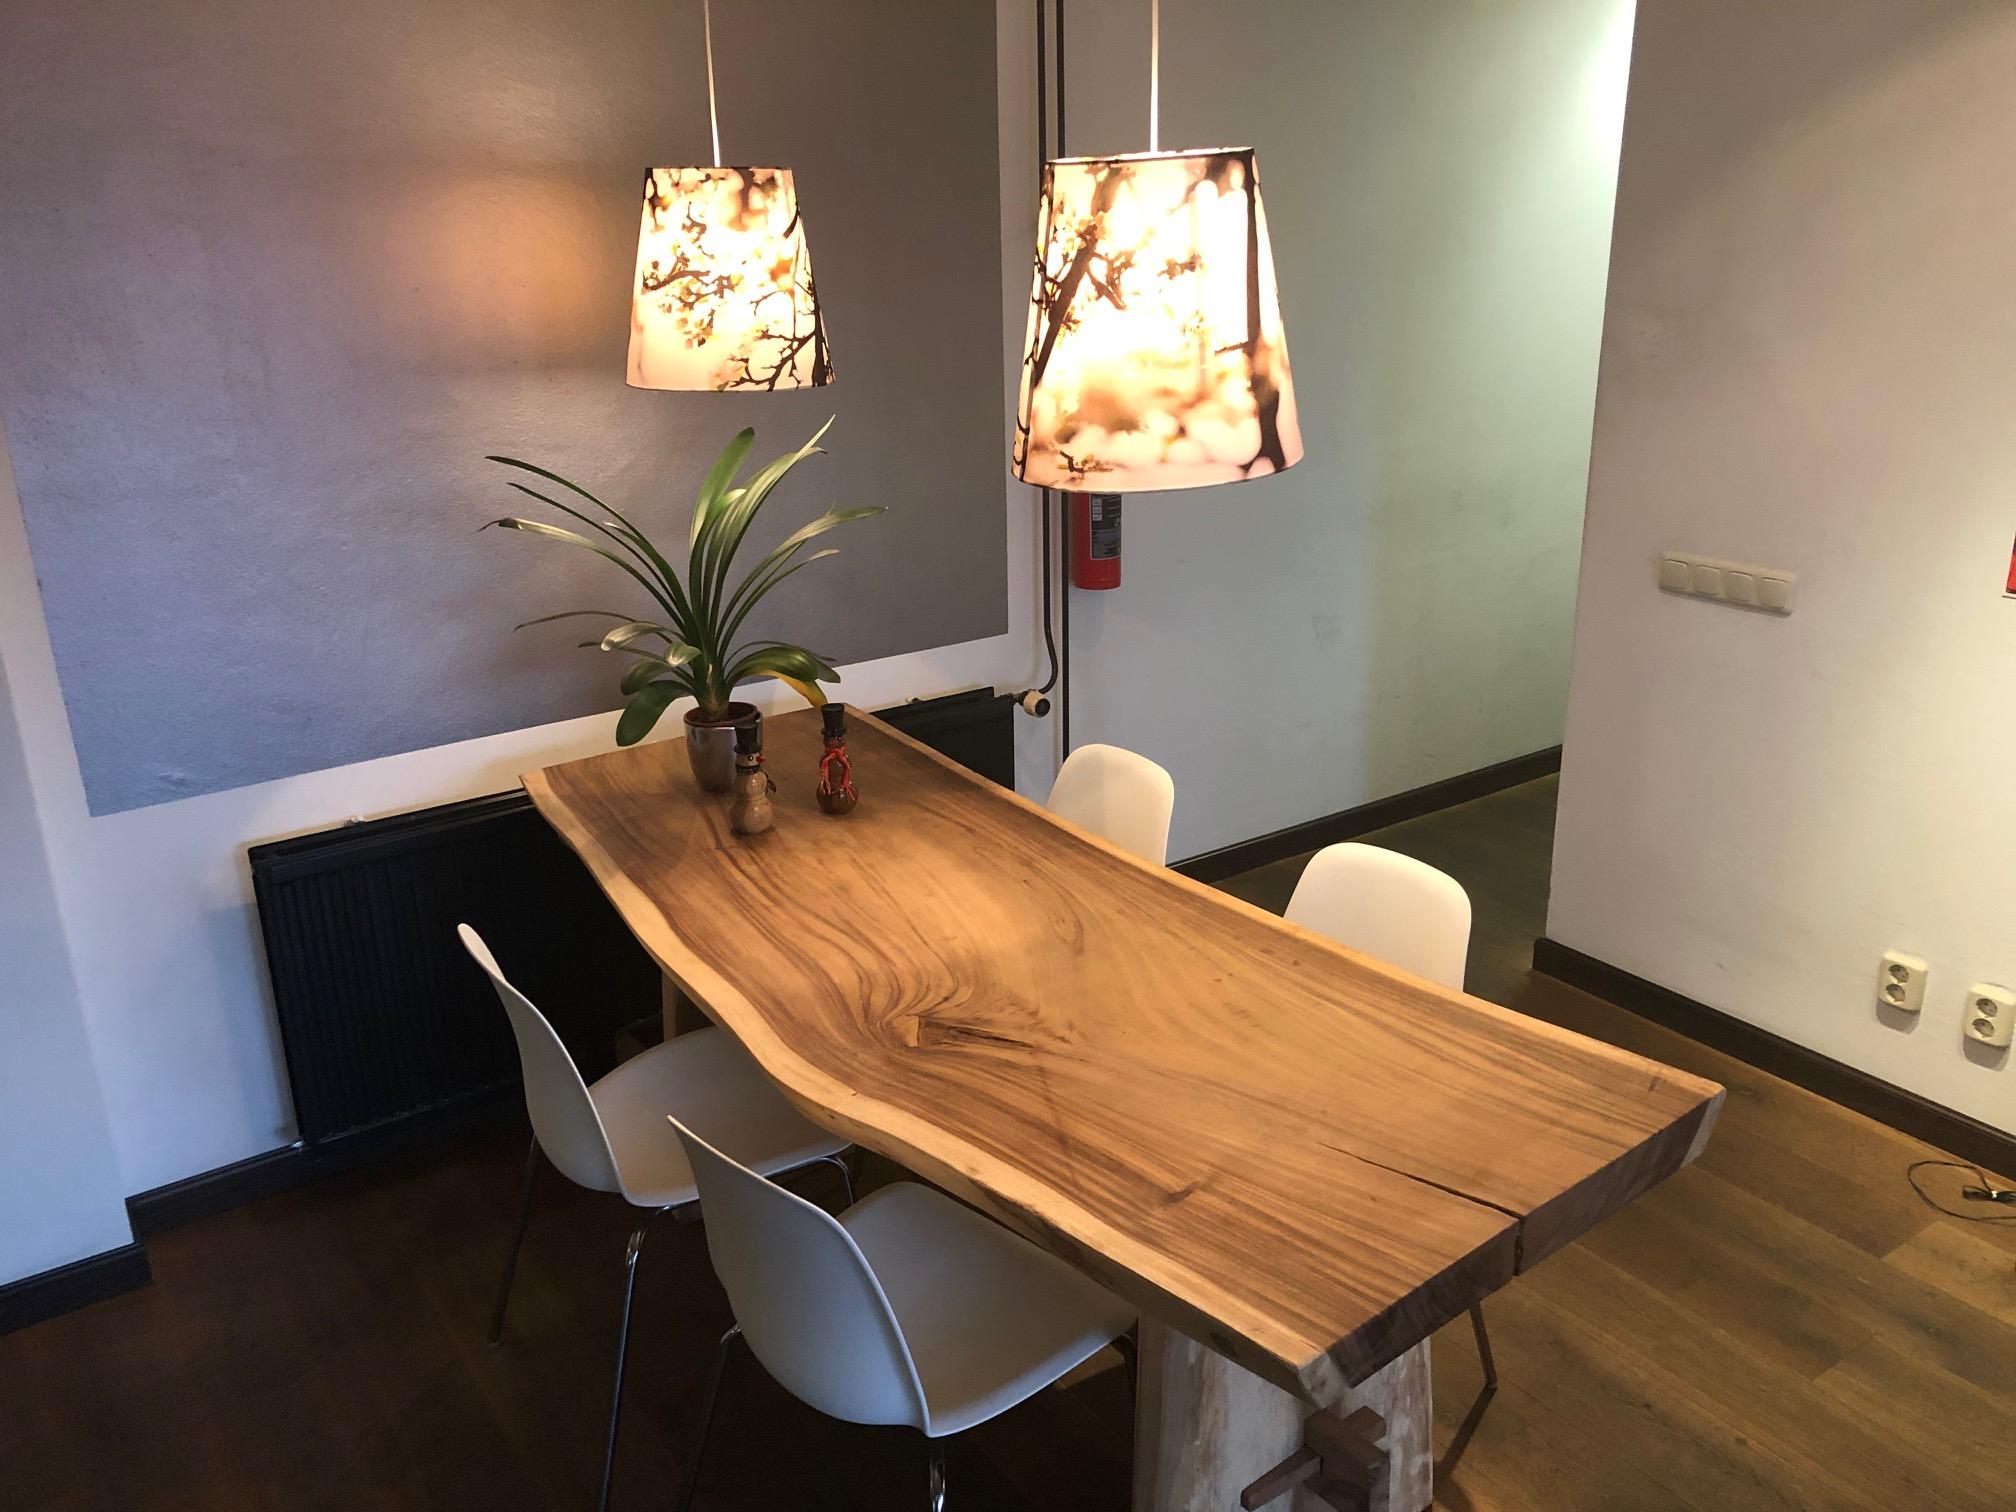 Suar Wood Tafels : Tafels xl wood